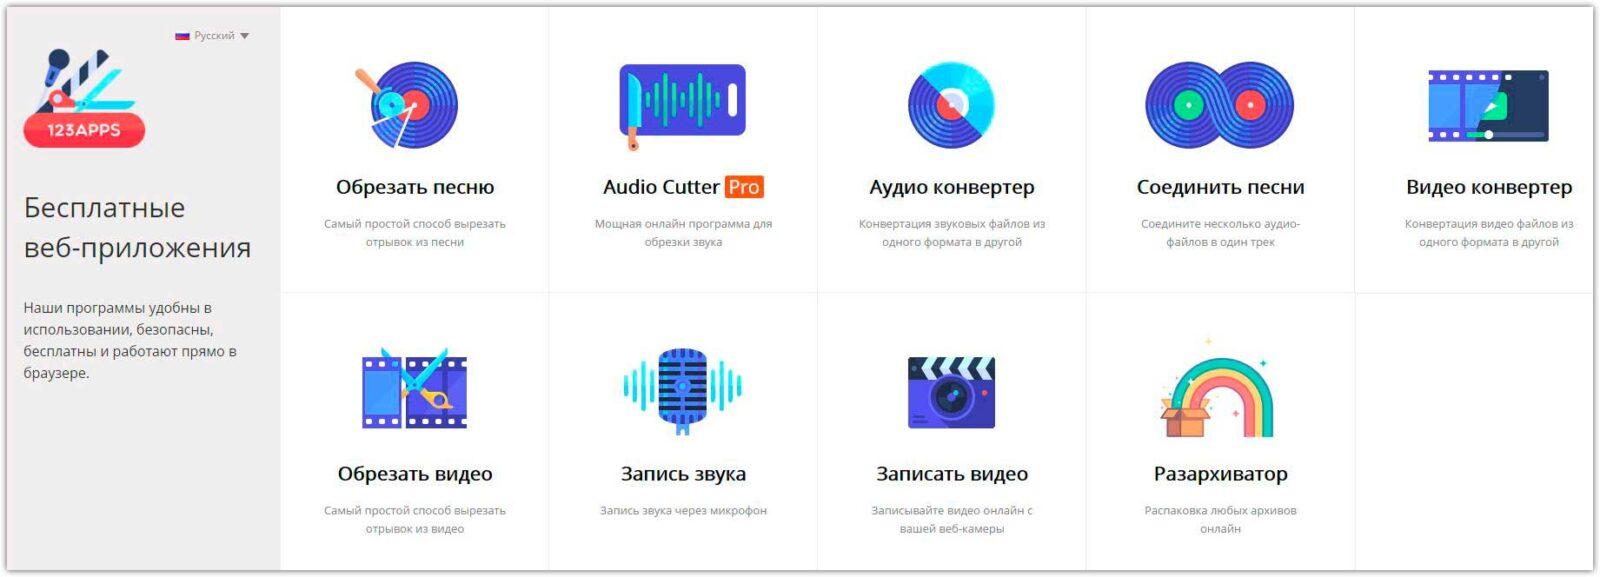 123apps все для аудио и видео редактирования